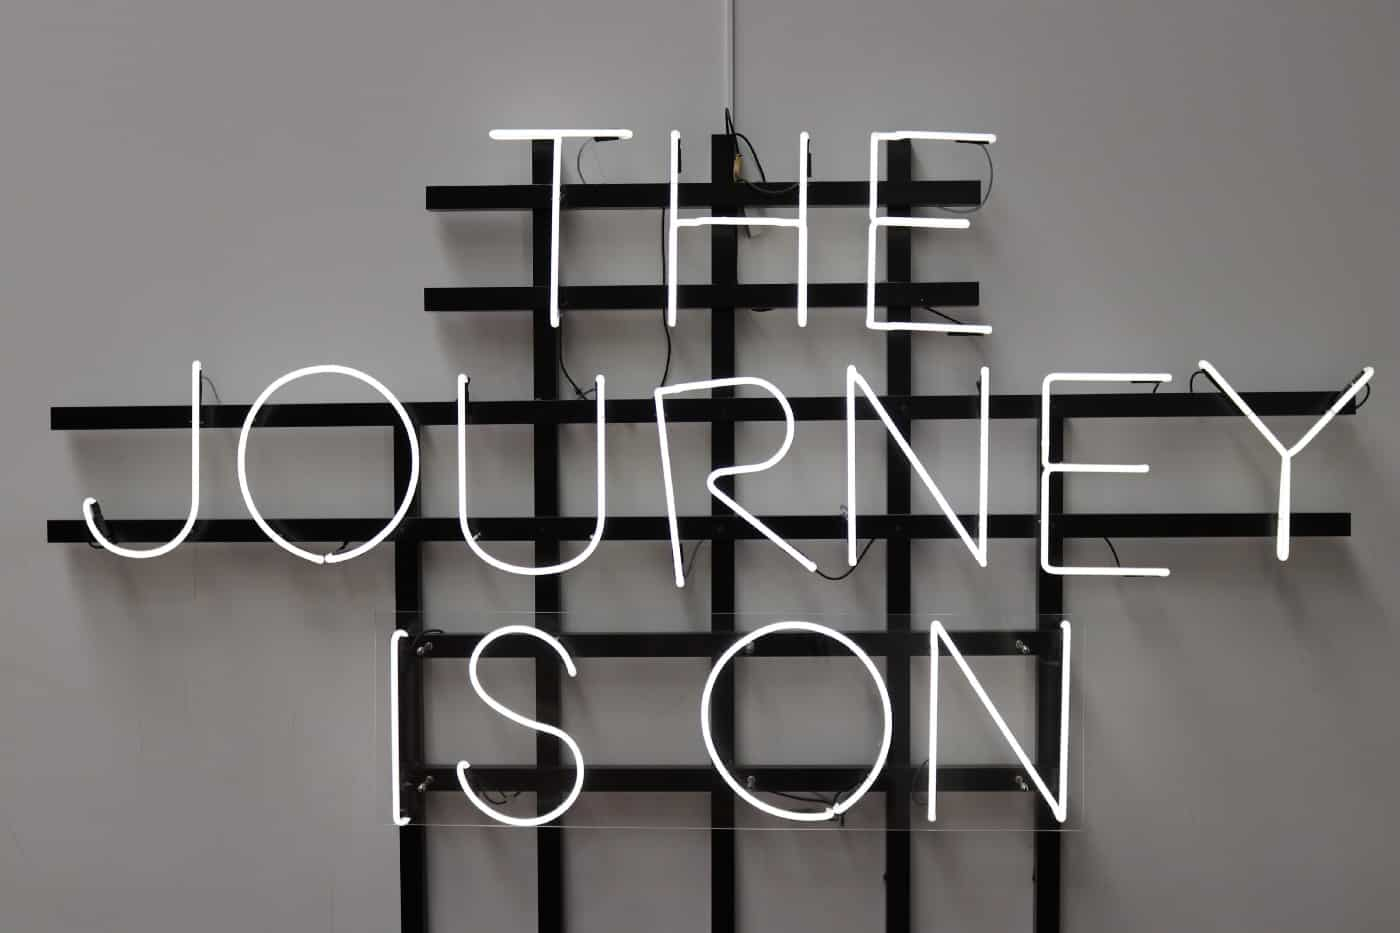 เริ่มด้วย Journey มีชัยไปกว่าครึ่ง:ก้าวแรกของการทำ Service Design กับฝ่ายกฏหมาย